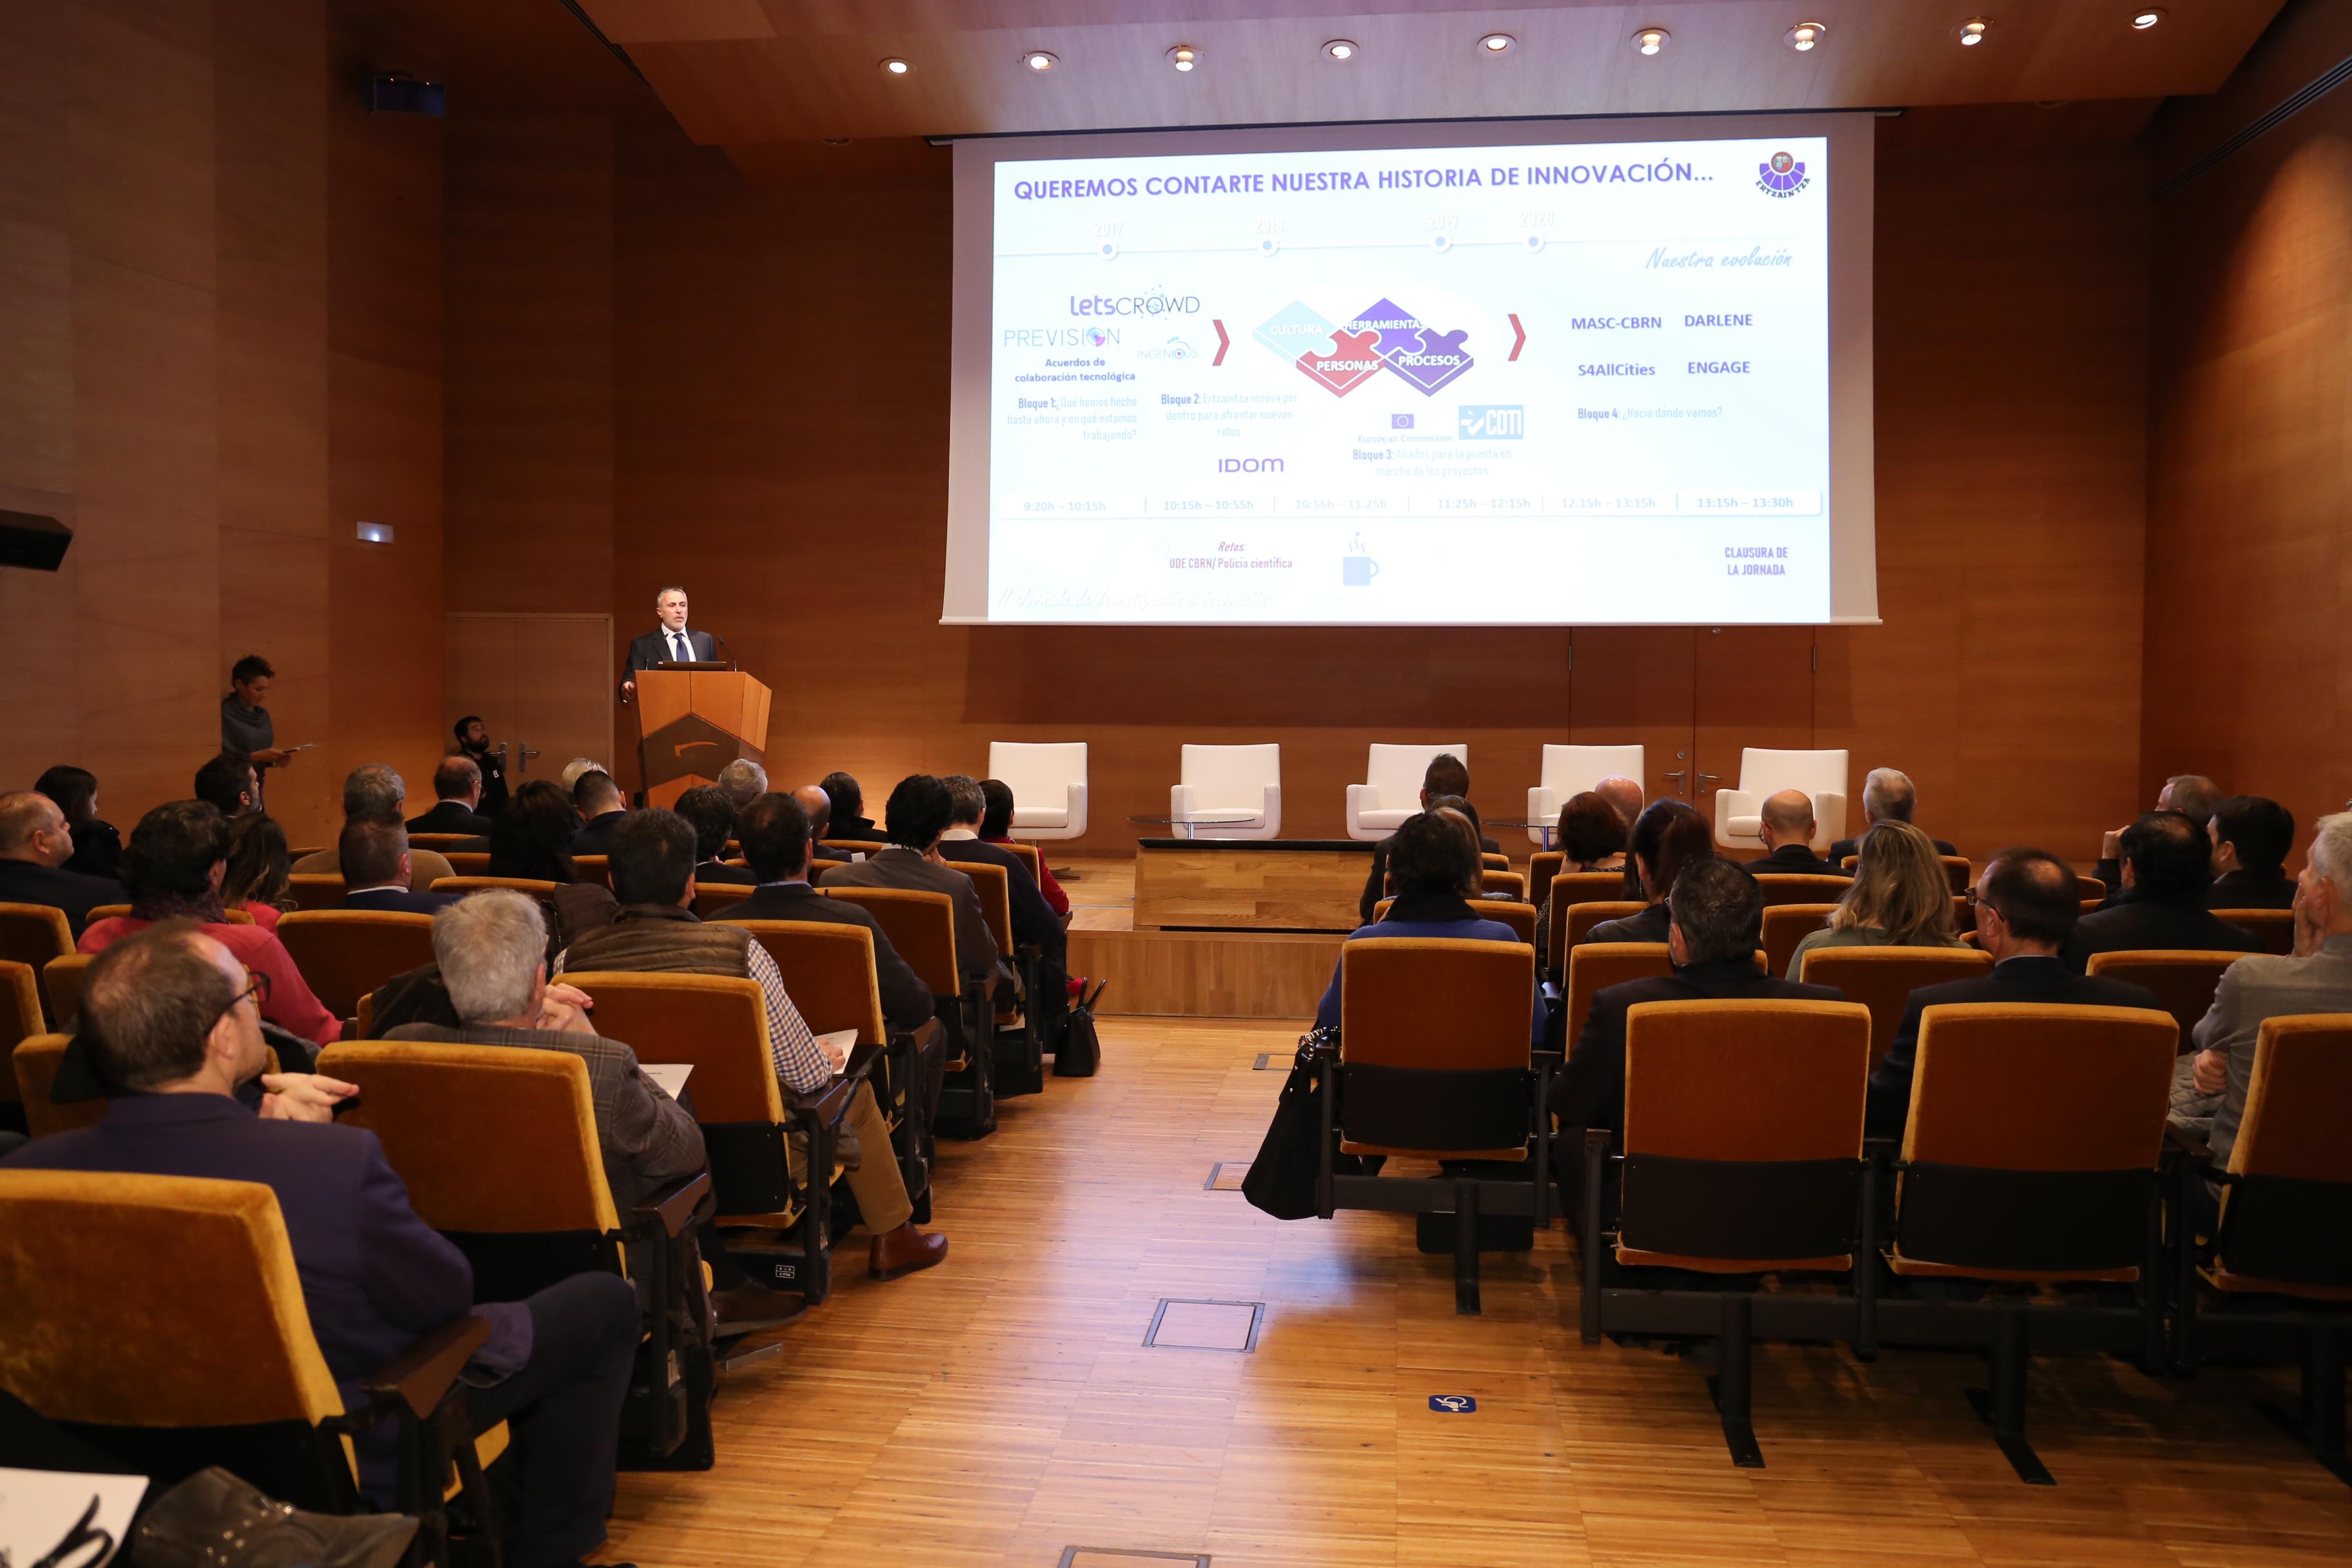 La Consejera de Seguridad abra la II Jornada de Investigación e Innovación en la Ertzaintza